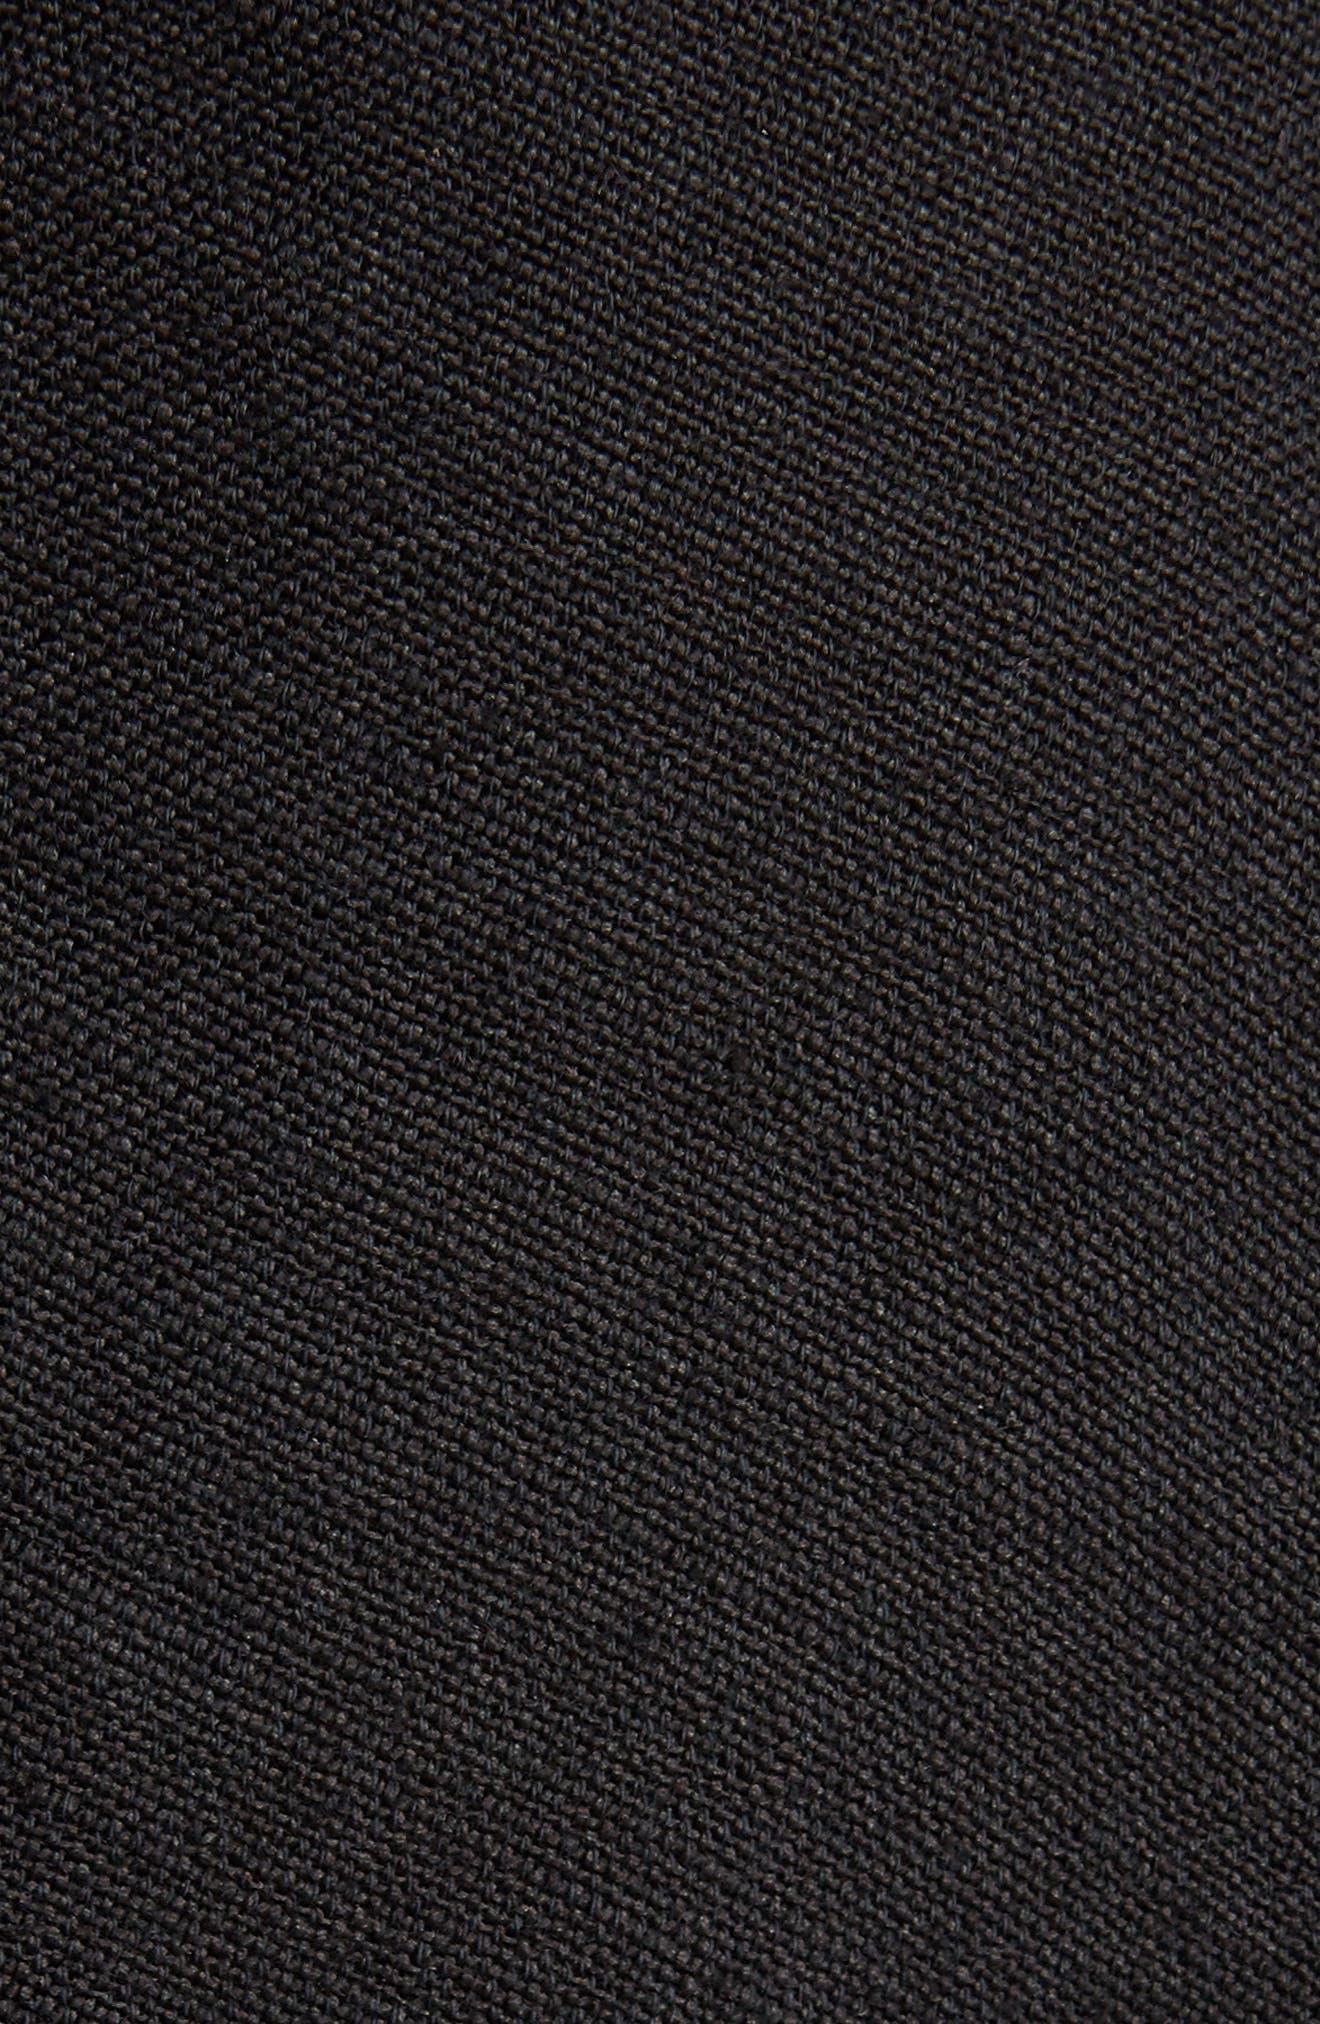 Jessa Shirtdress,                             Alternate thumbnail 6, color,                             Black